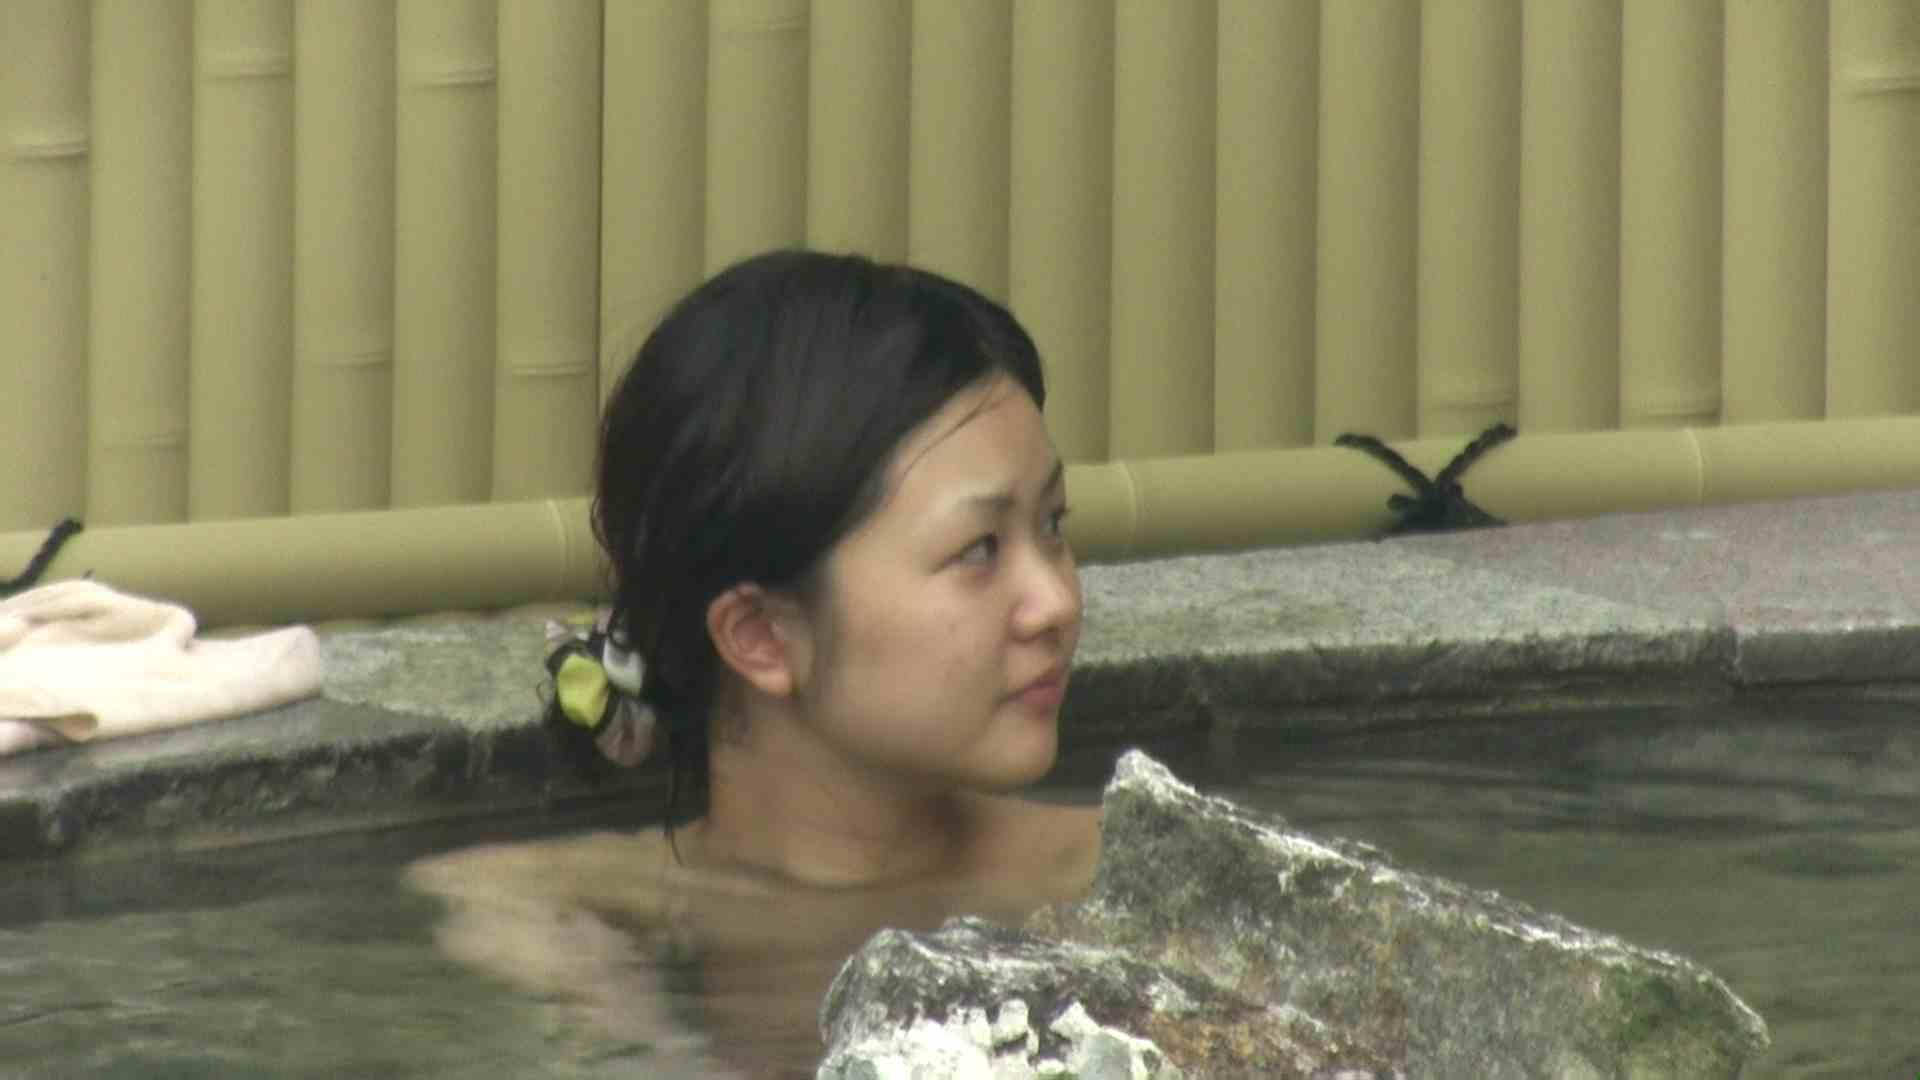 高画質露天女風呂観察 vol.032 ギャル入浴 SEX無修正画像 101連発 26